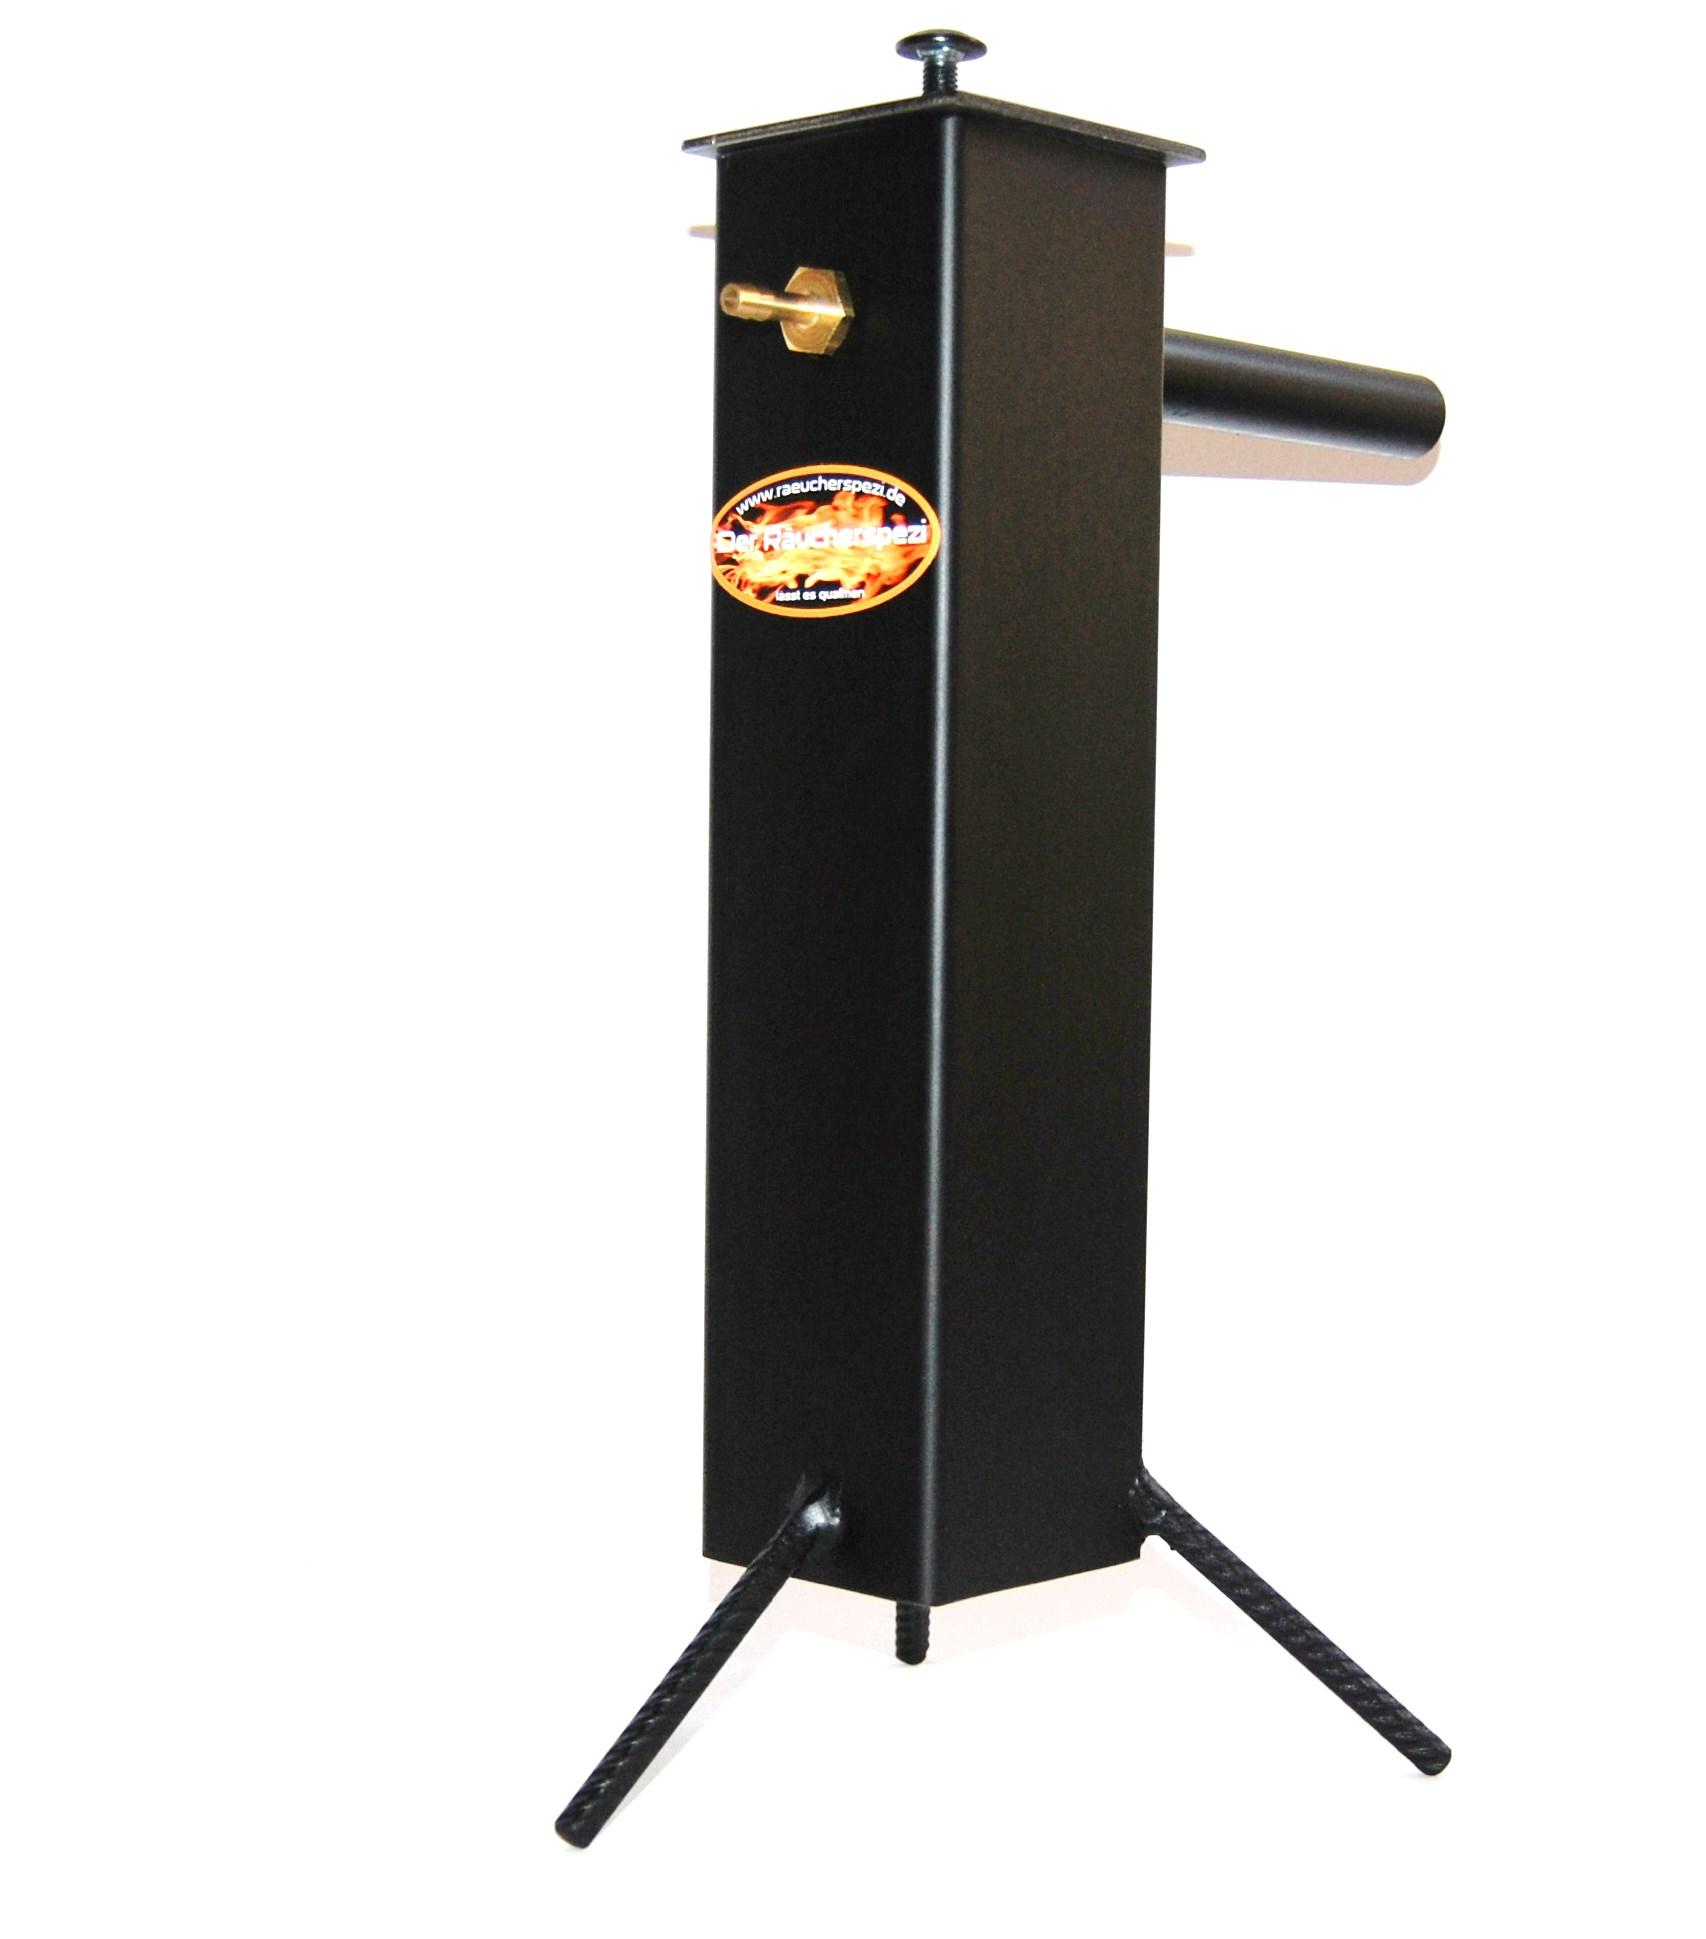 der r ucherspezi wir lassen es richtig qualmen standfu f r rauchgenerator smoker. Black Bedroom Furniture Sets. Home Design Ideas